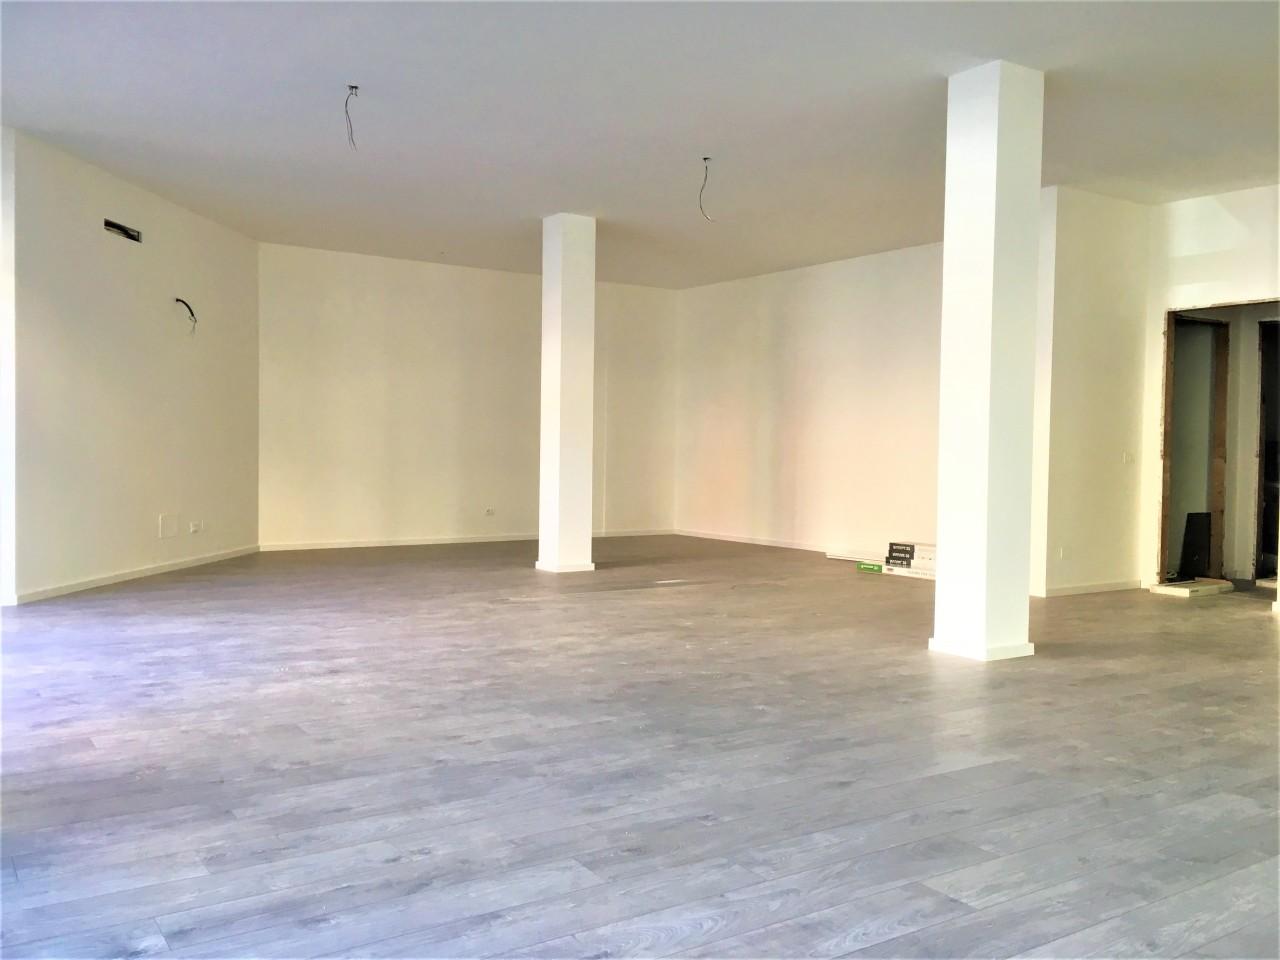 Negozio / Locale in affitto a Pontedera, 1 locali, prezzo € 1.500 | CambioCasa.it